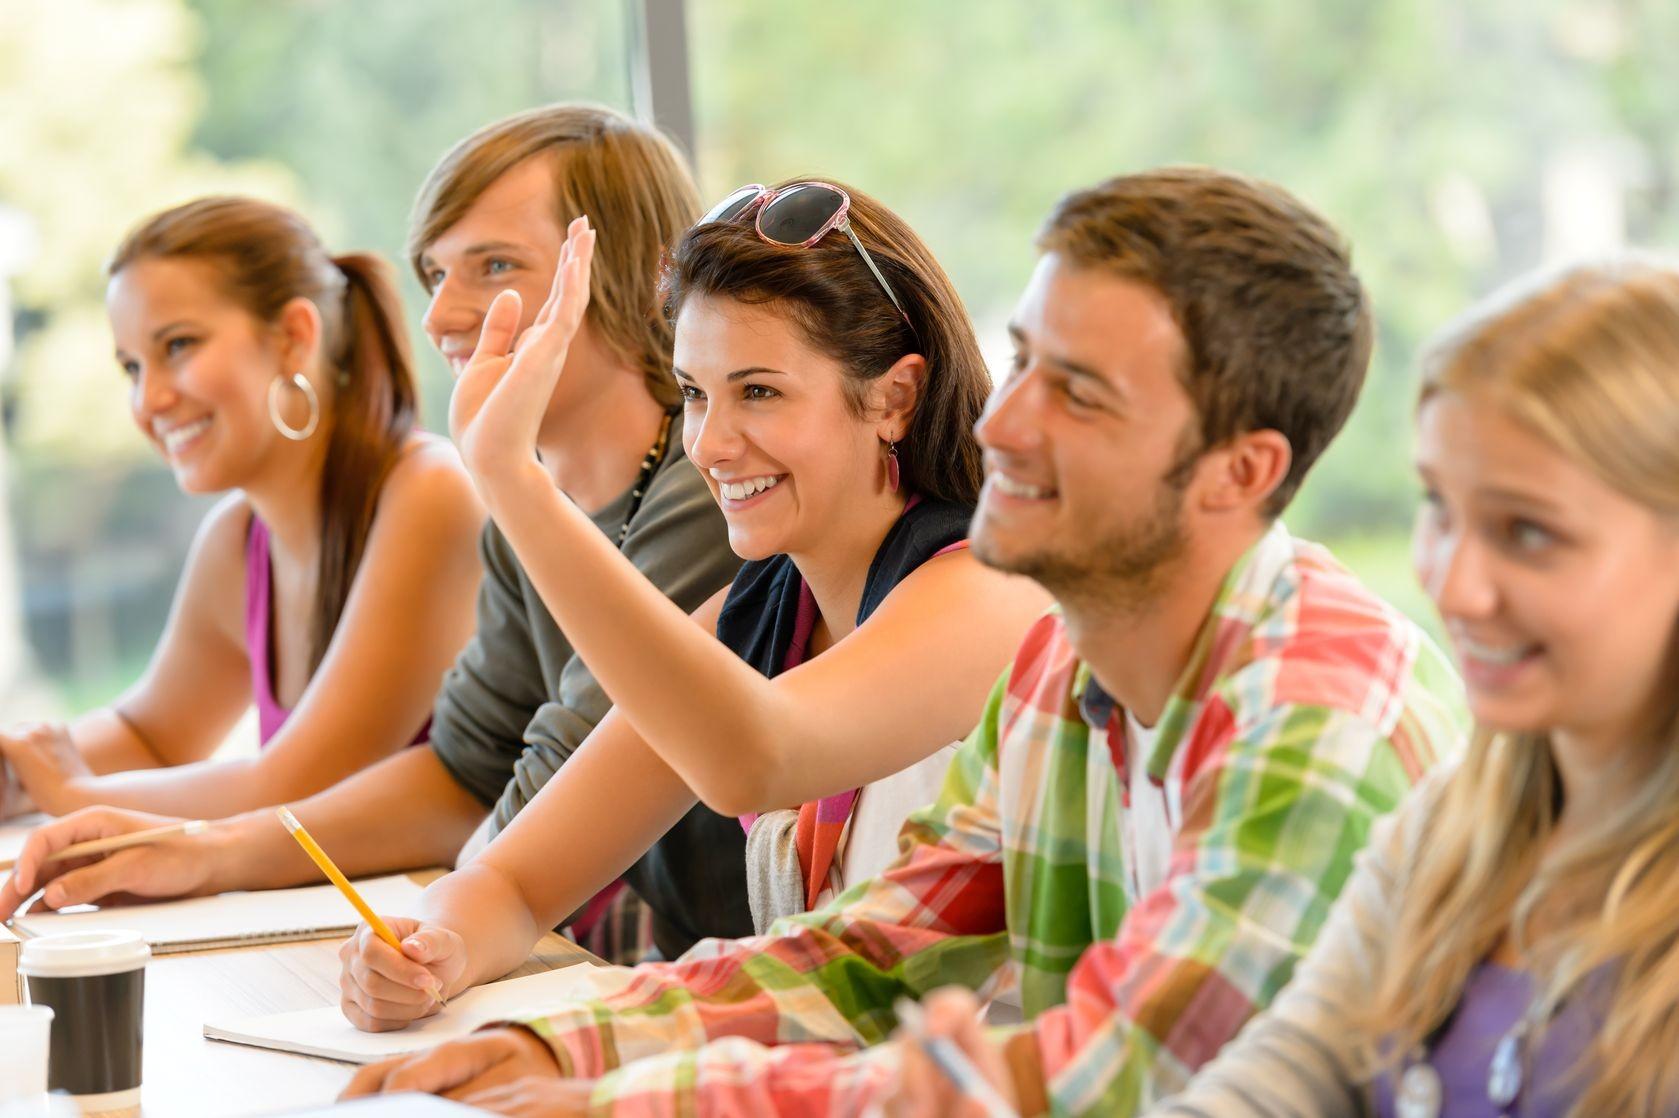 Получать образование взрелом возрасте действеннее — английские ученые